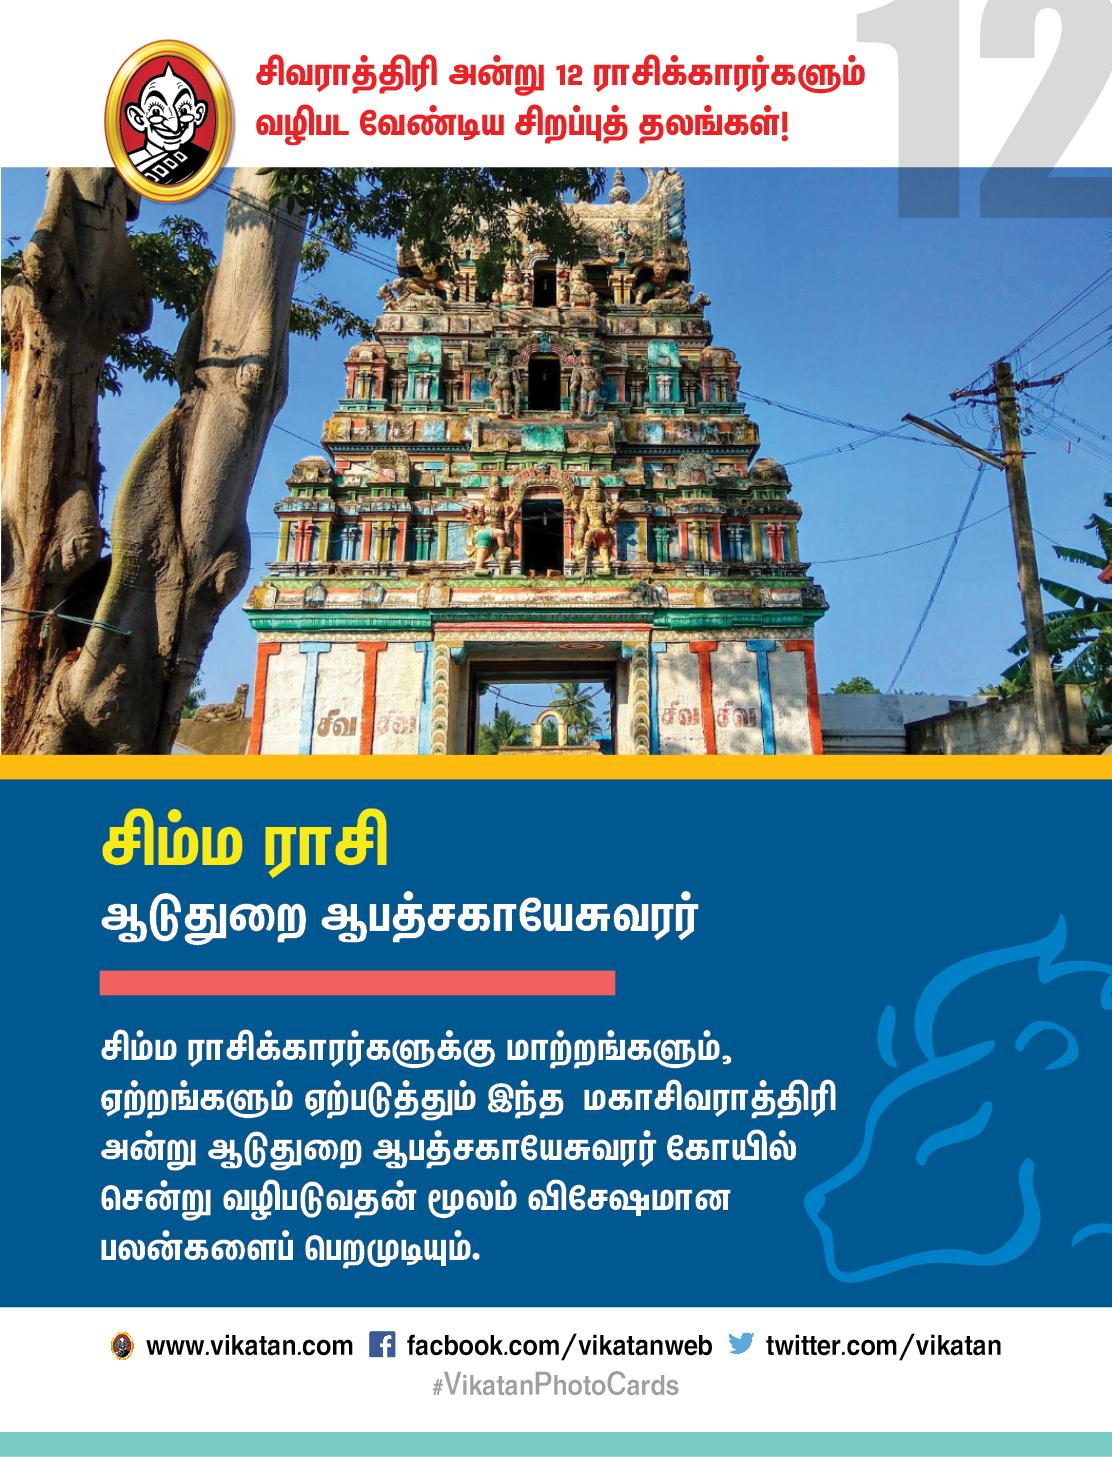 சிவராத்திரி அன்று 12 ராசிக்காரர்களும் வழிபட வேண்டிய சிறப்புத் தலங்கள்! #VikatanPhotoCards